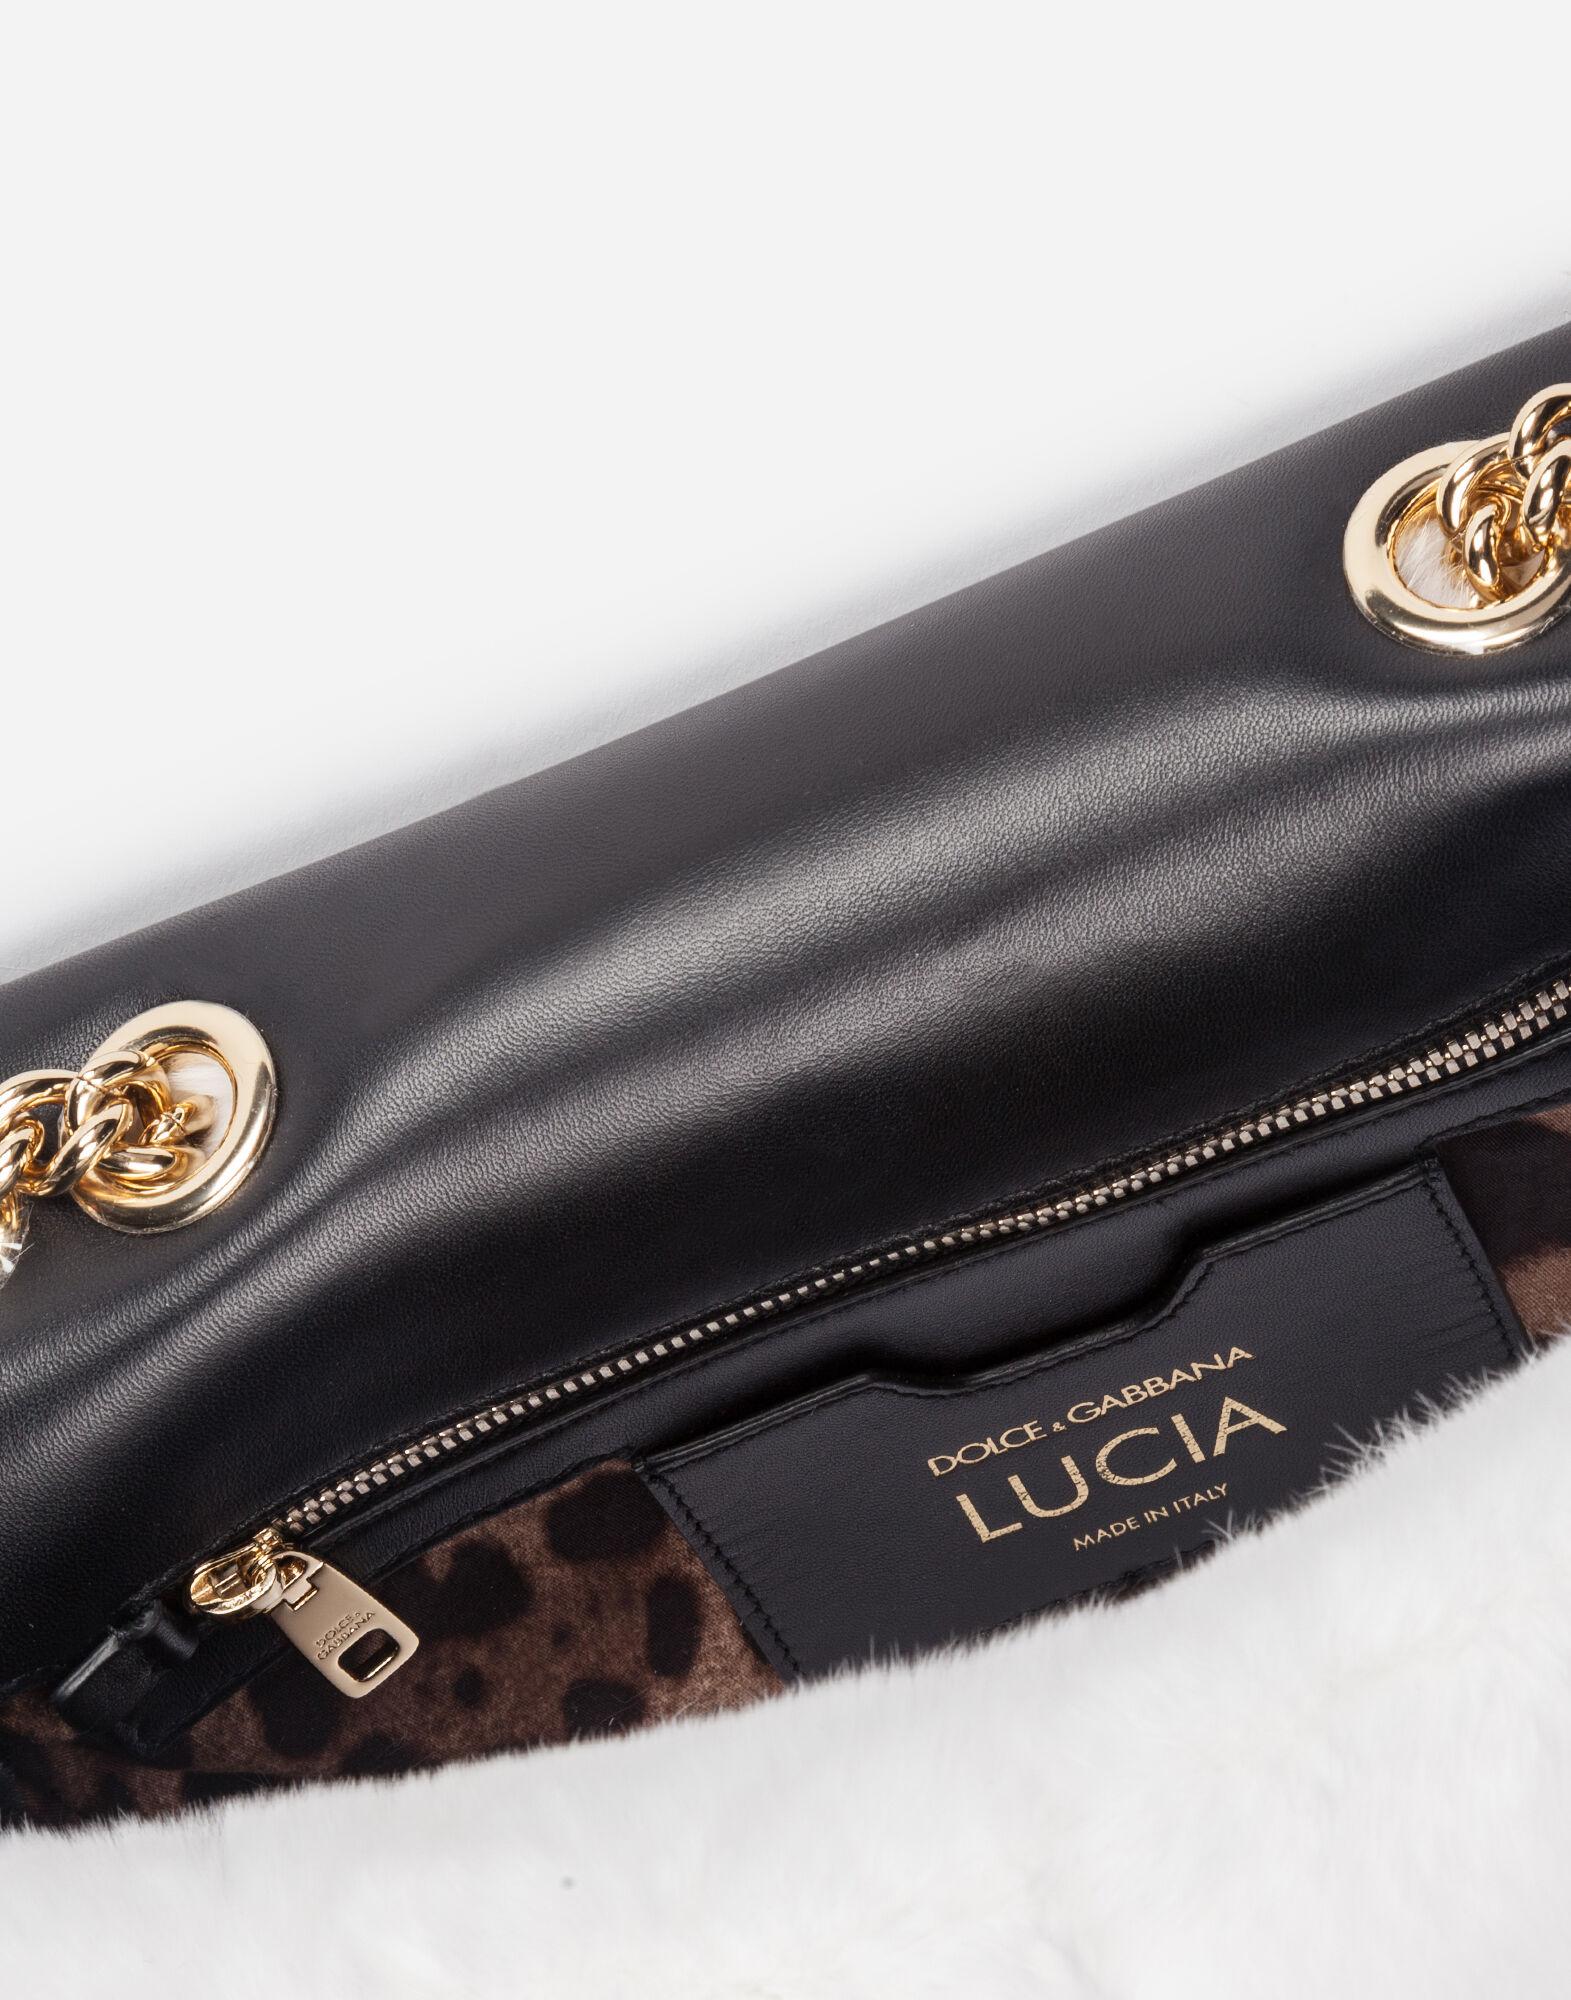 FUR LUCIA BAG